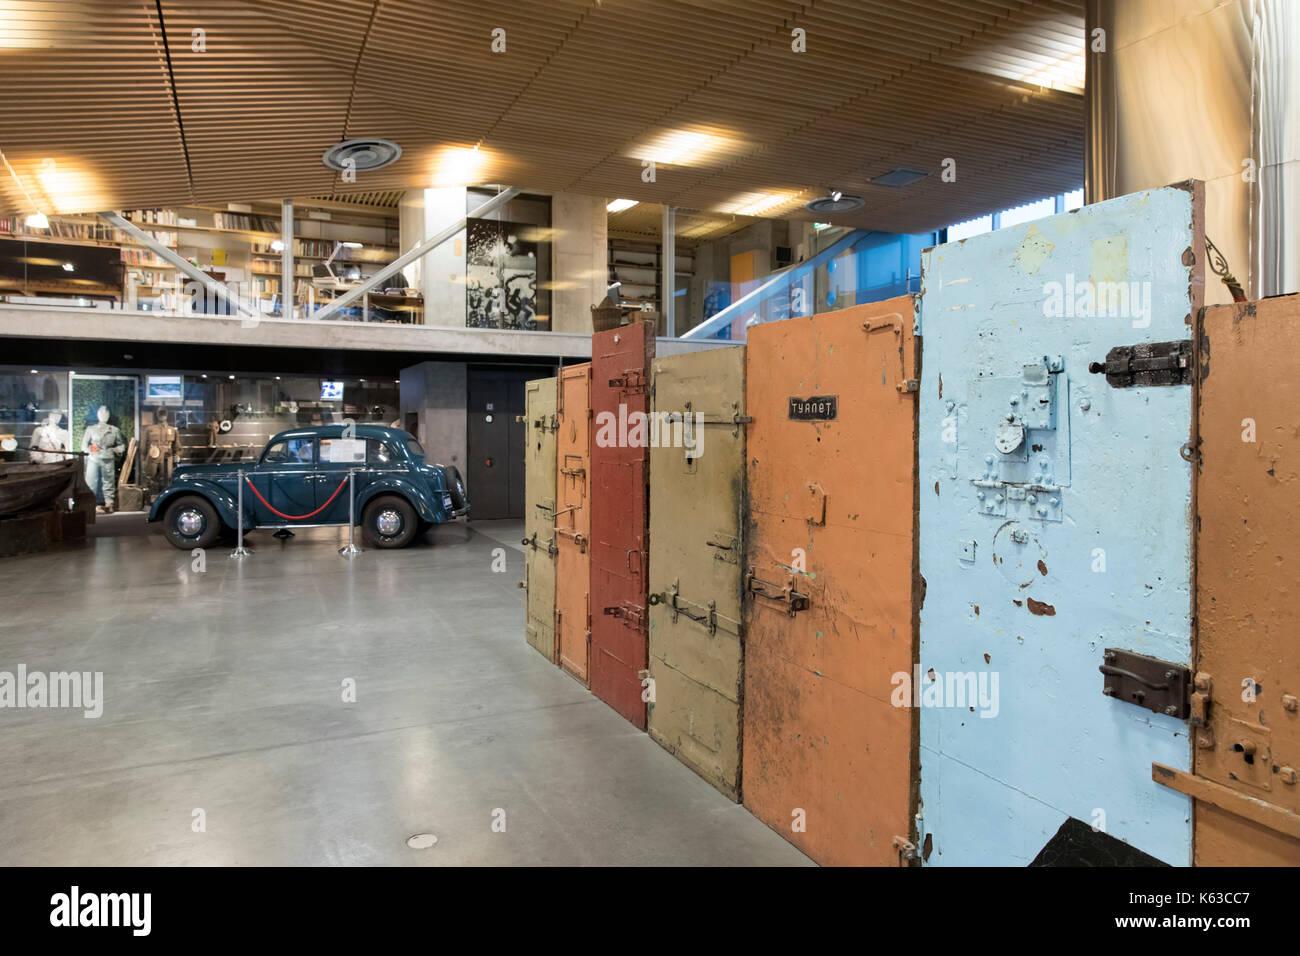 Museo de las ocupaciones con las puertas de la prisión, Tallin, Estonia, Europa Imagen De Stock